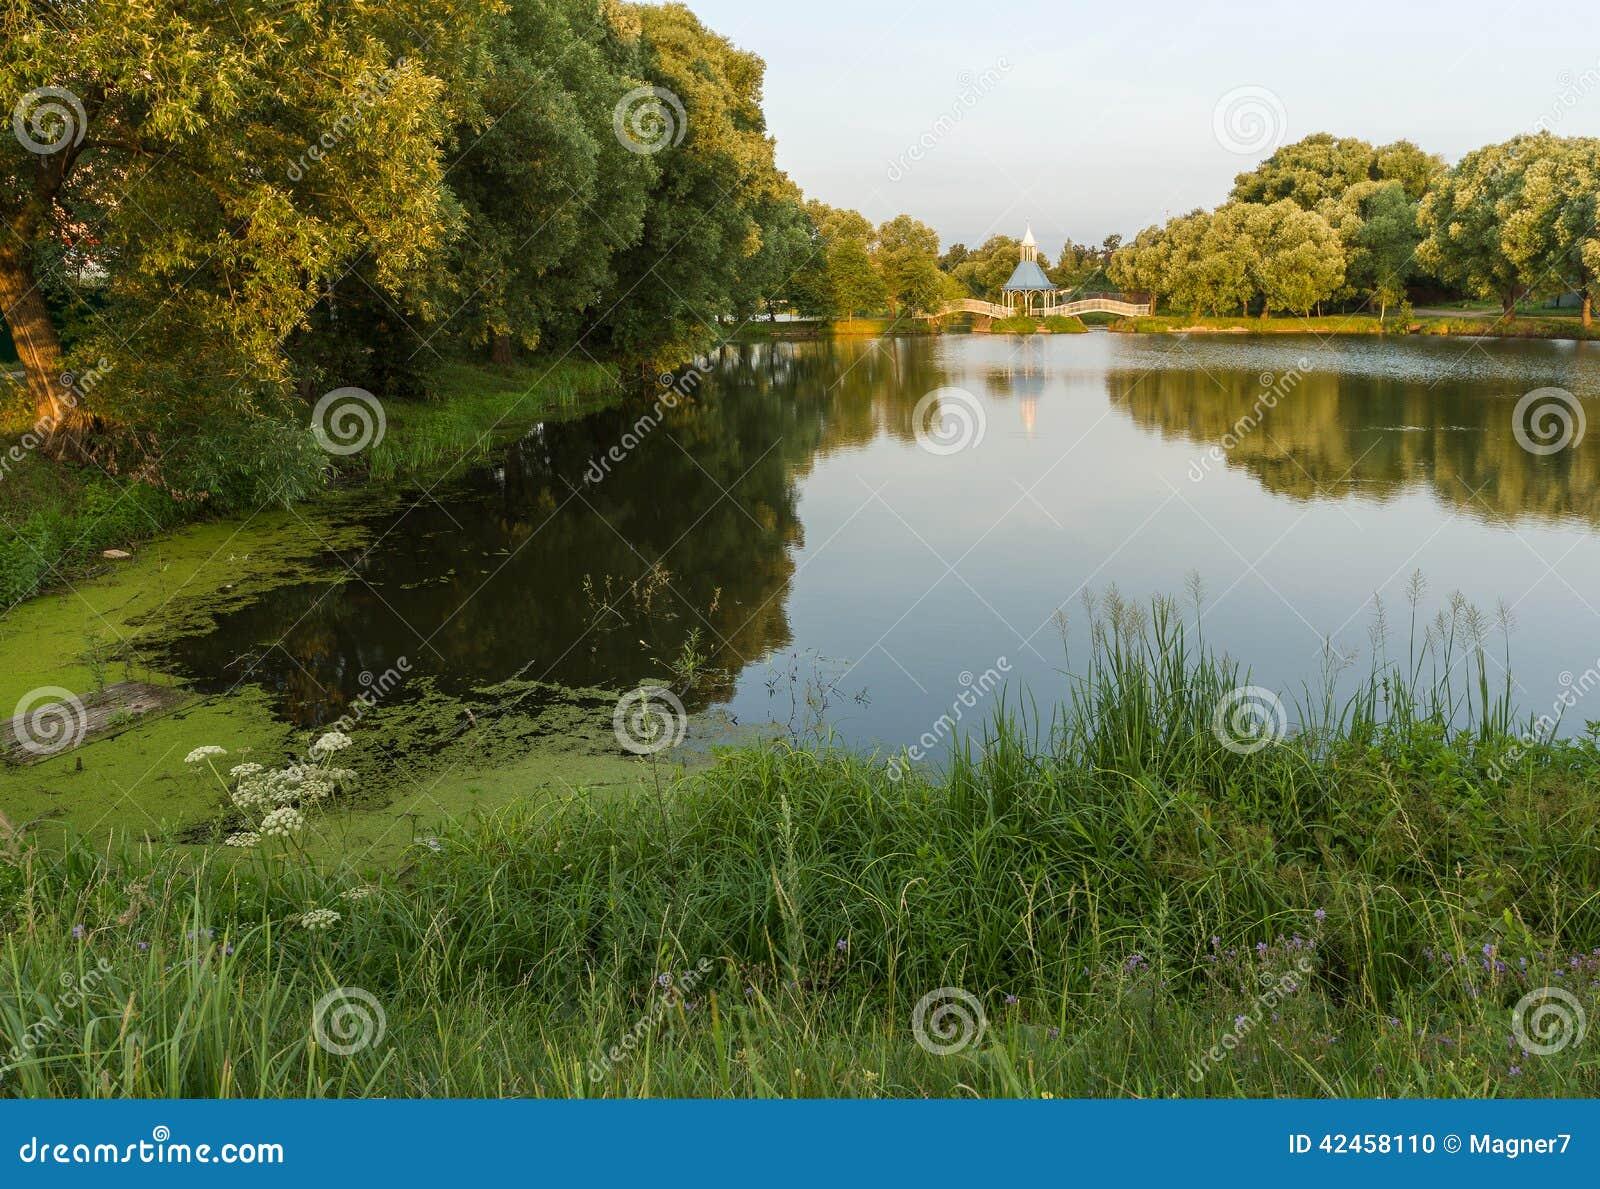 Malerische Landschaft mit Teich und einer Brücke